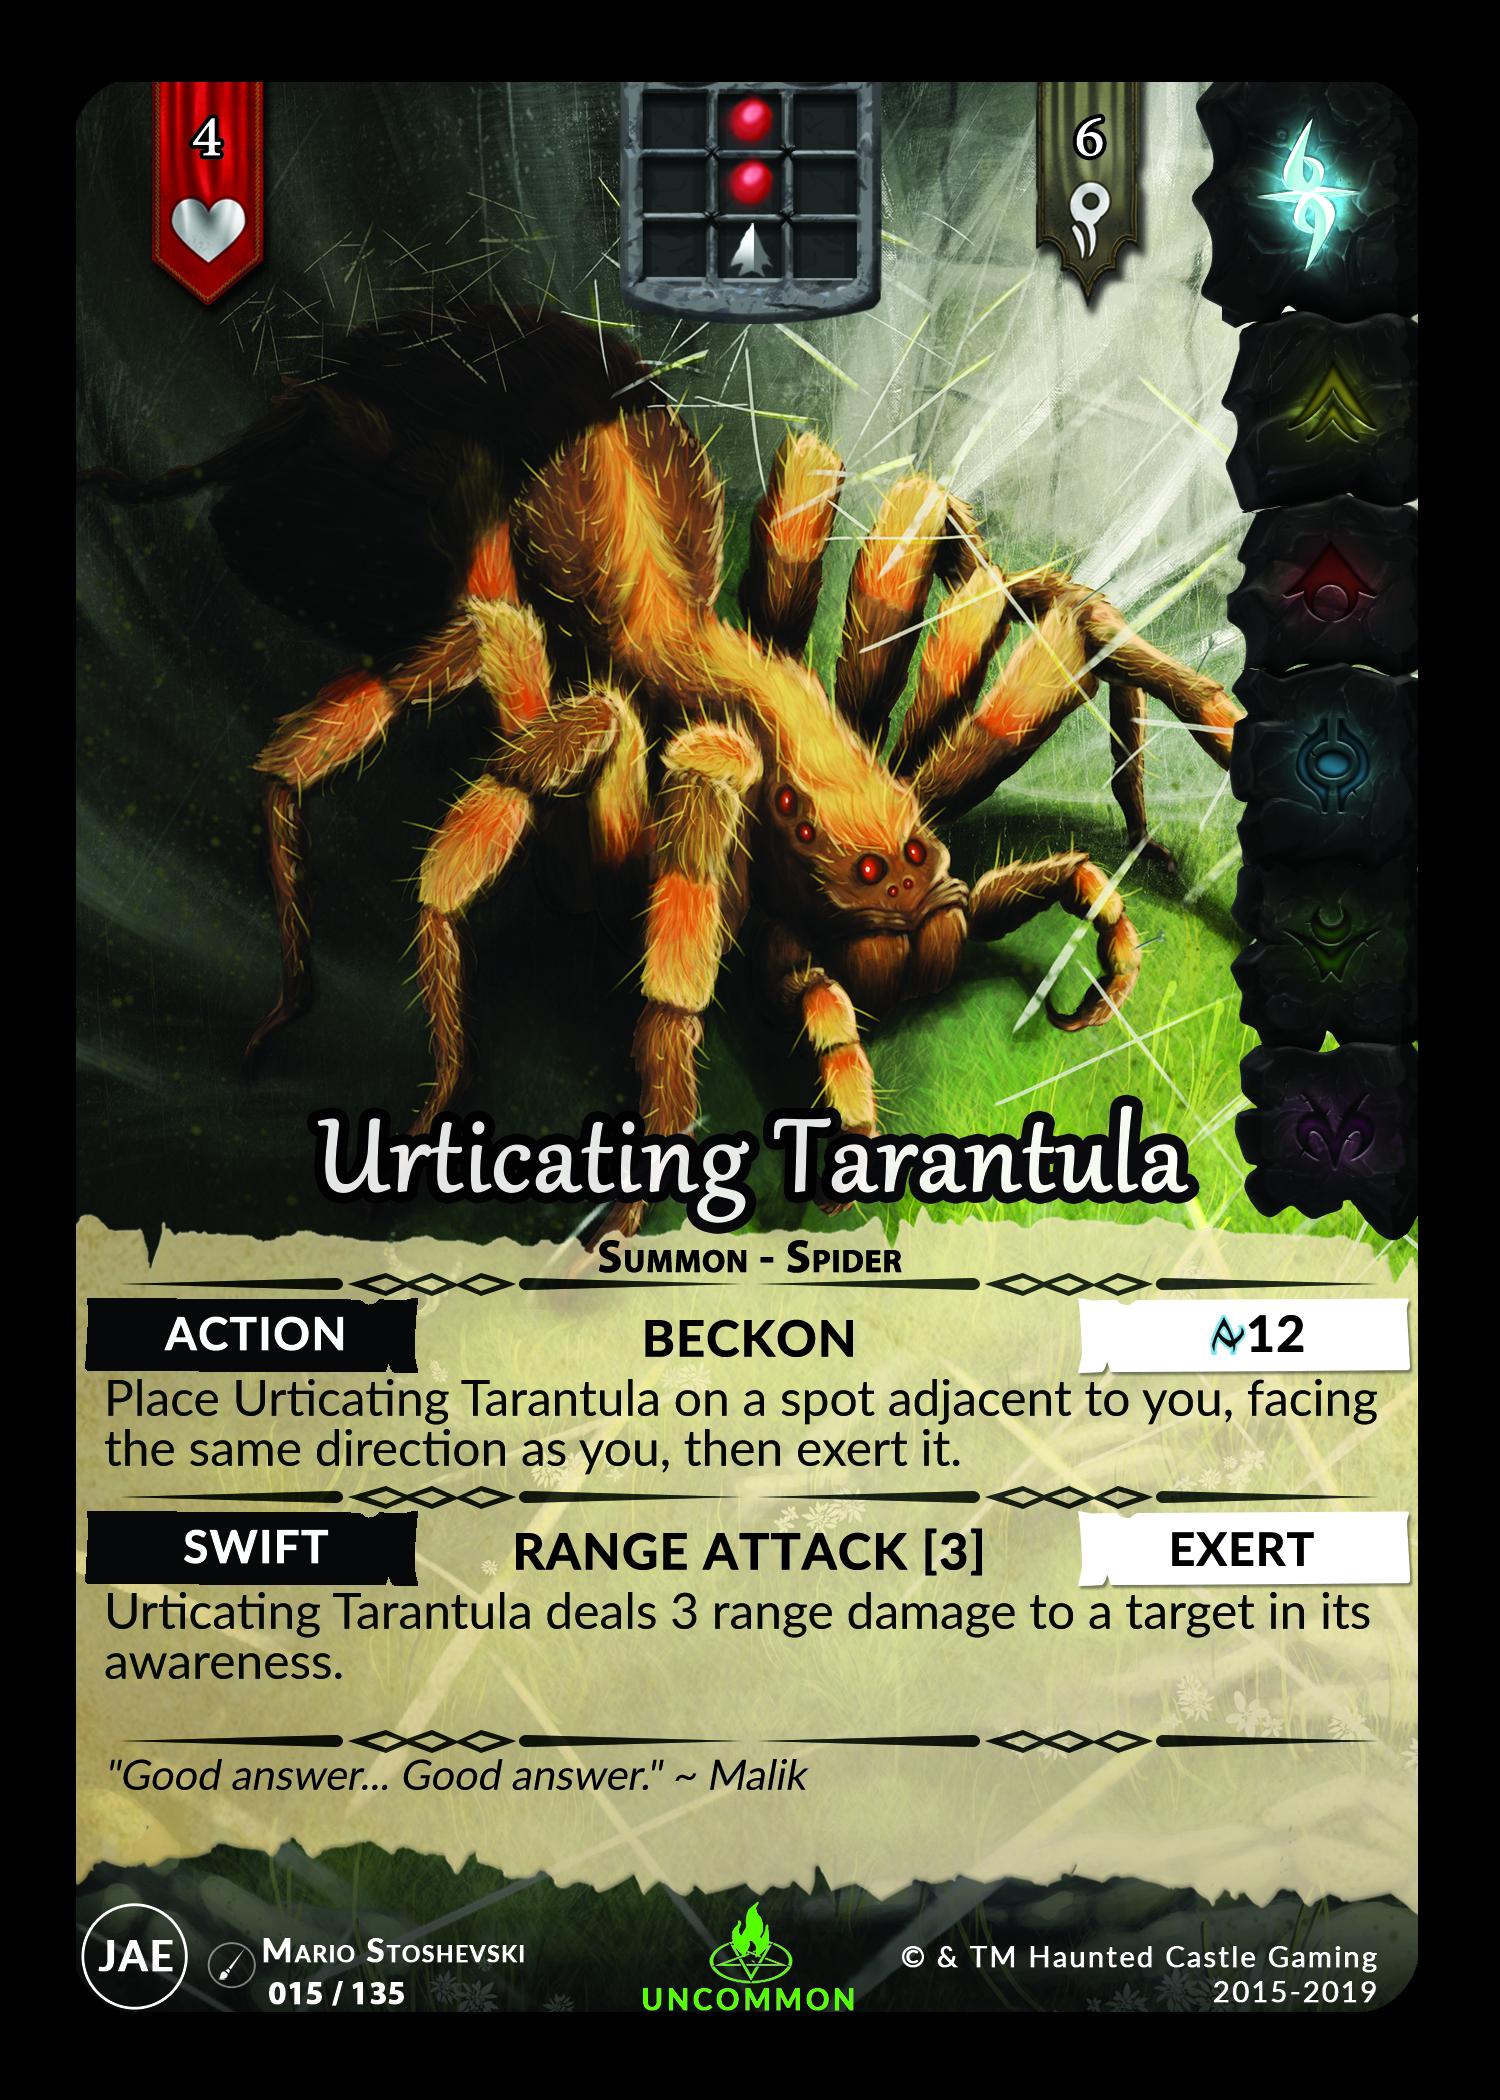 015-Urticating Tarantula.jpg